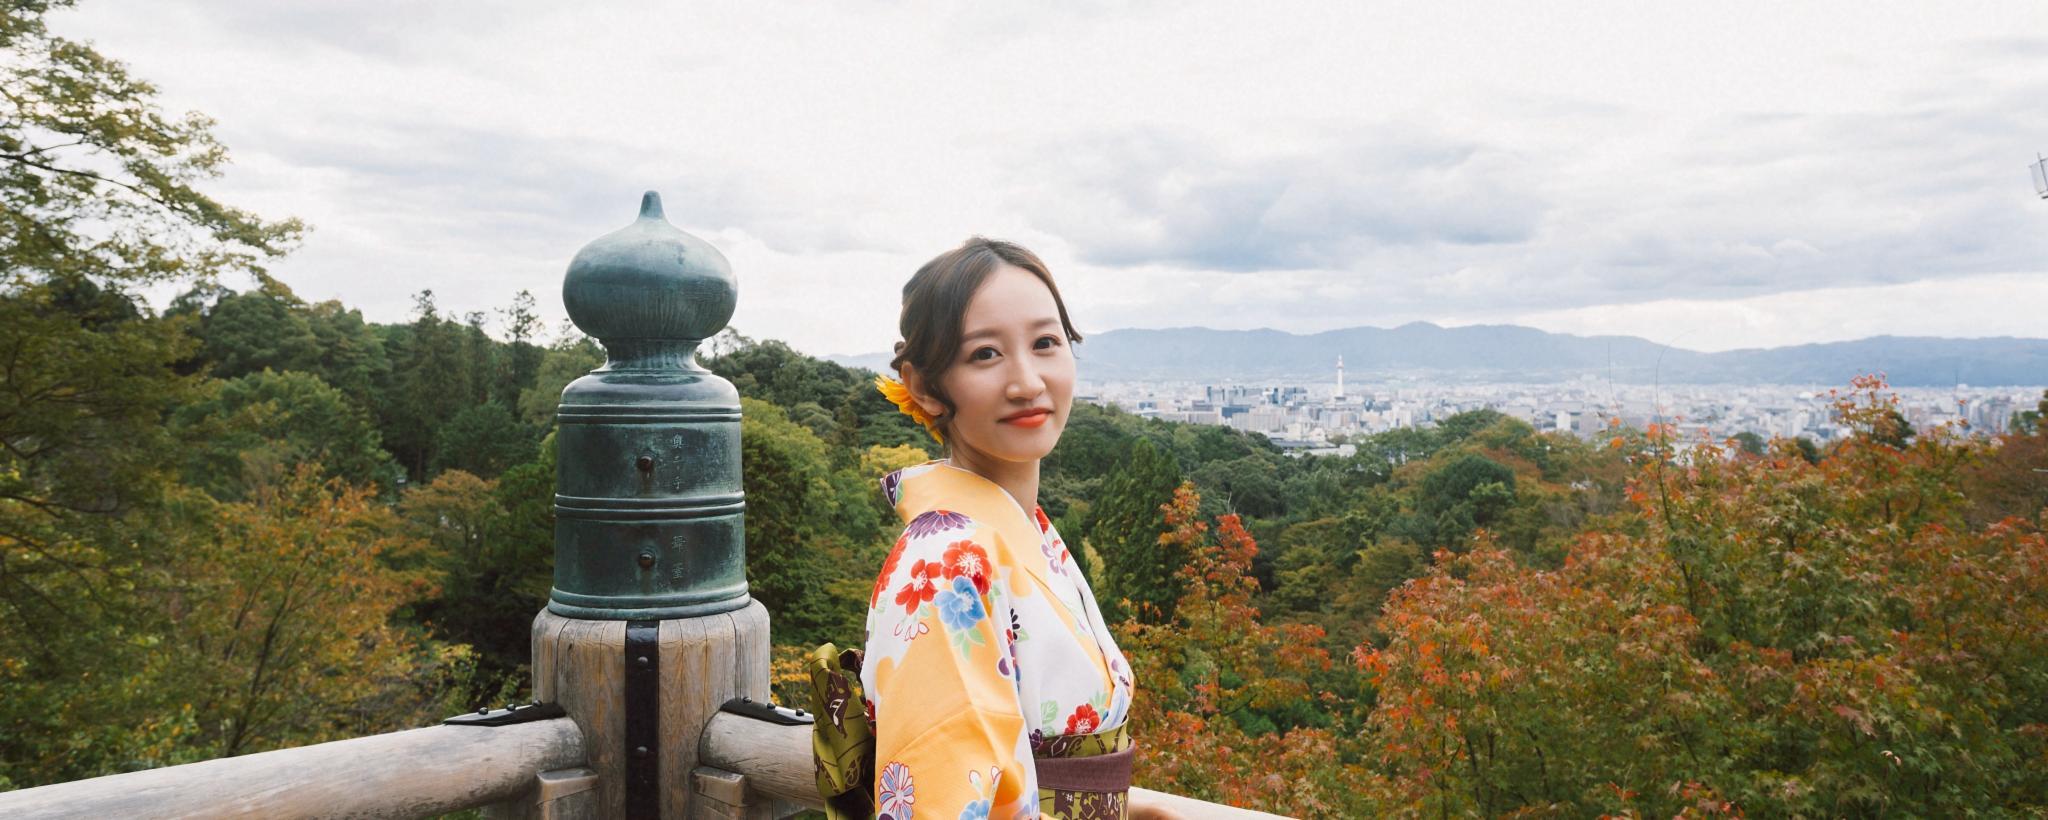 日本旅拍  探寻霓虹枫叶之旅,邂逅最美和服少女